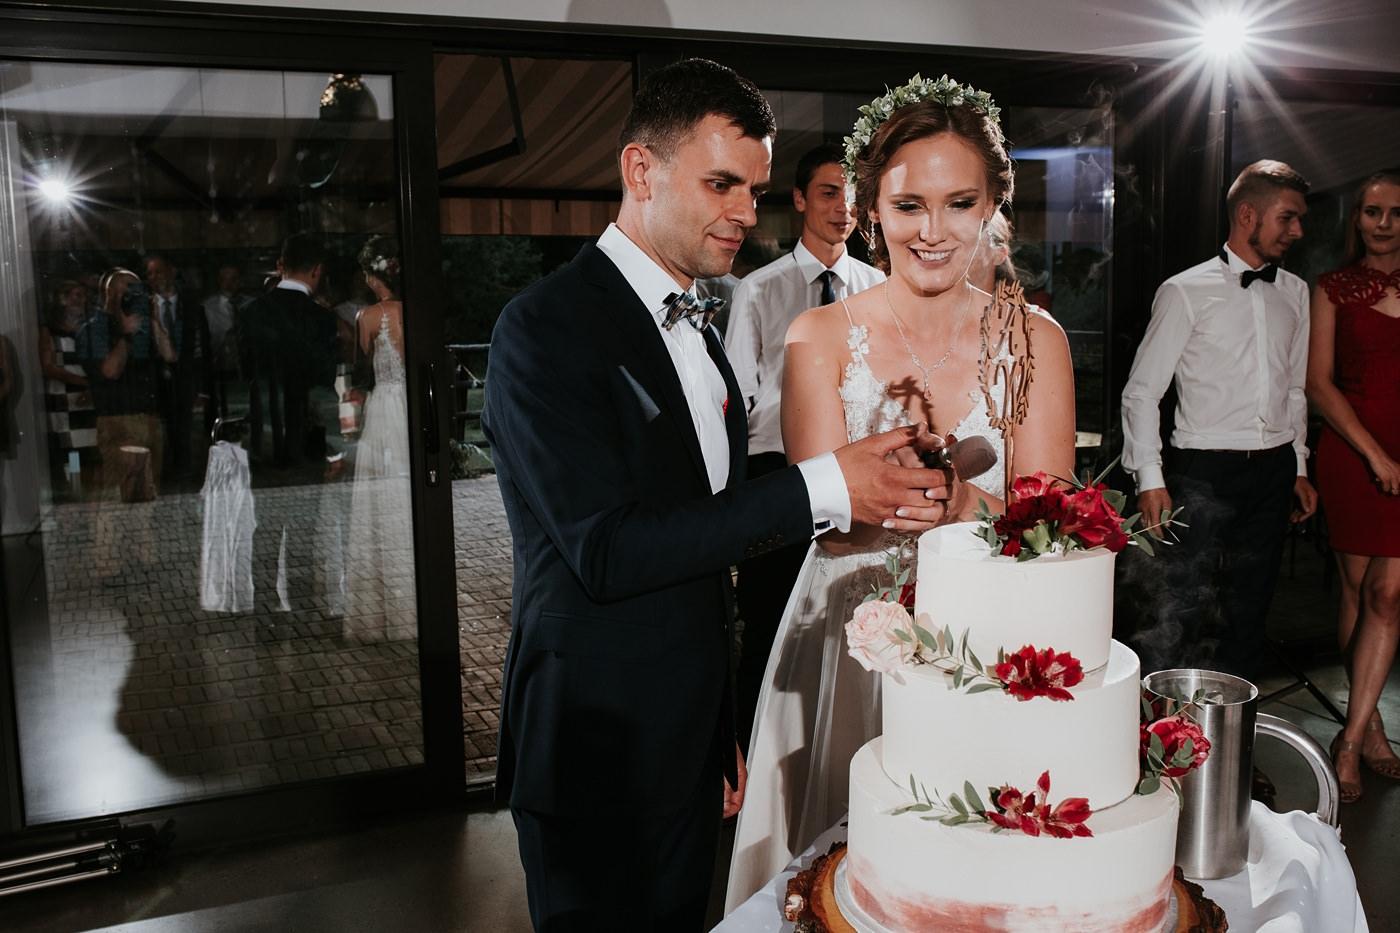 Anna & Wojtek - Ślub cywilny w plenerze - Barnówko w Sam Las 96